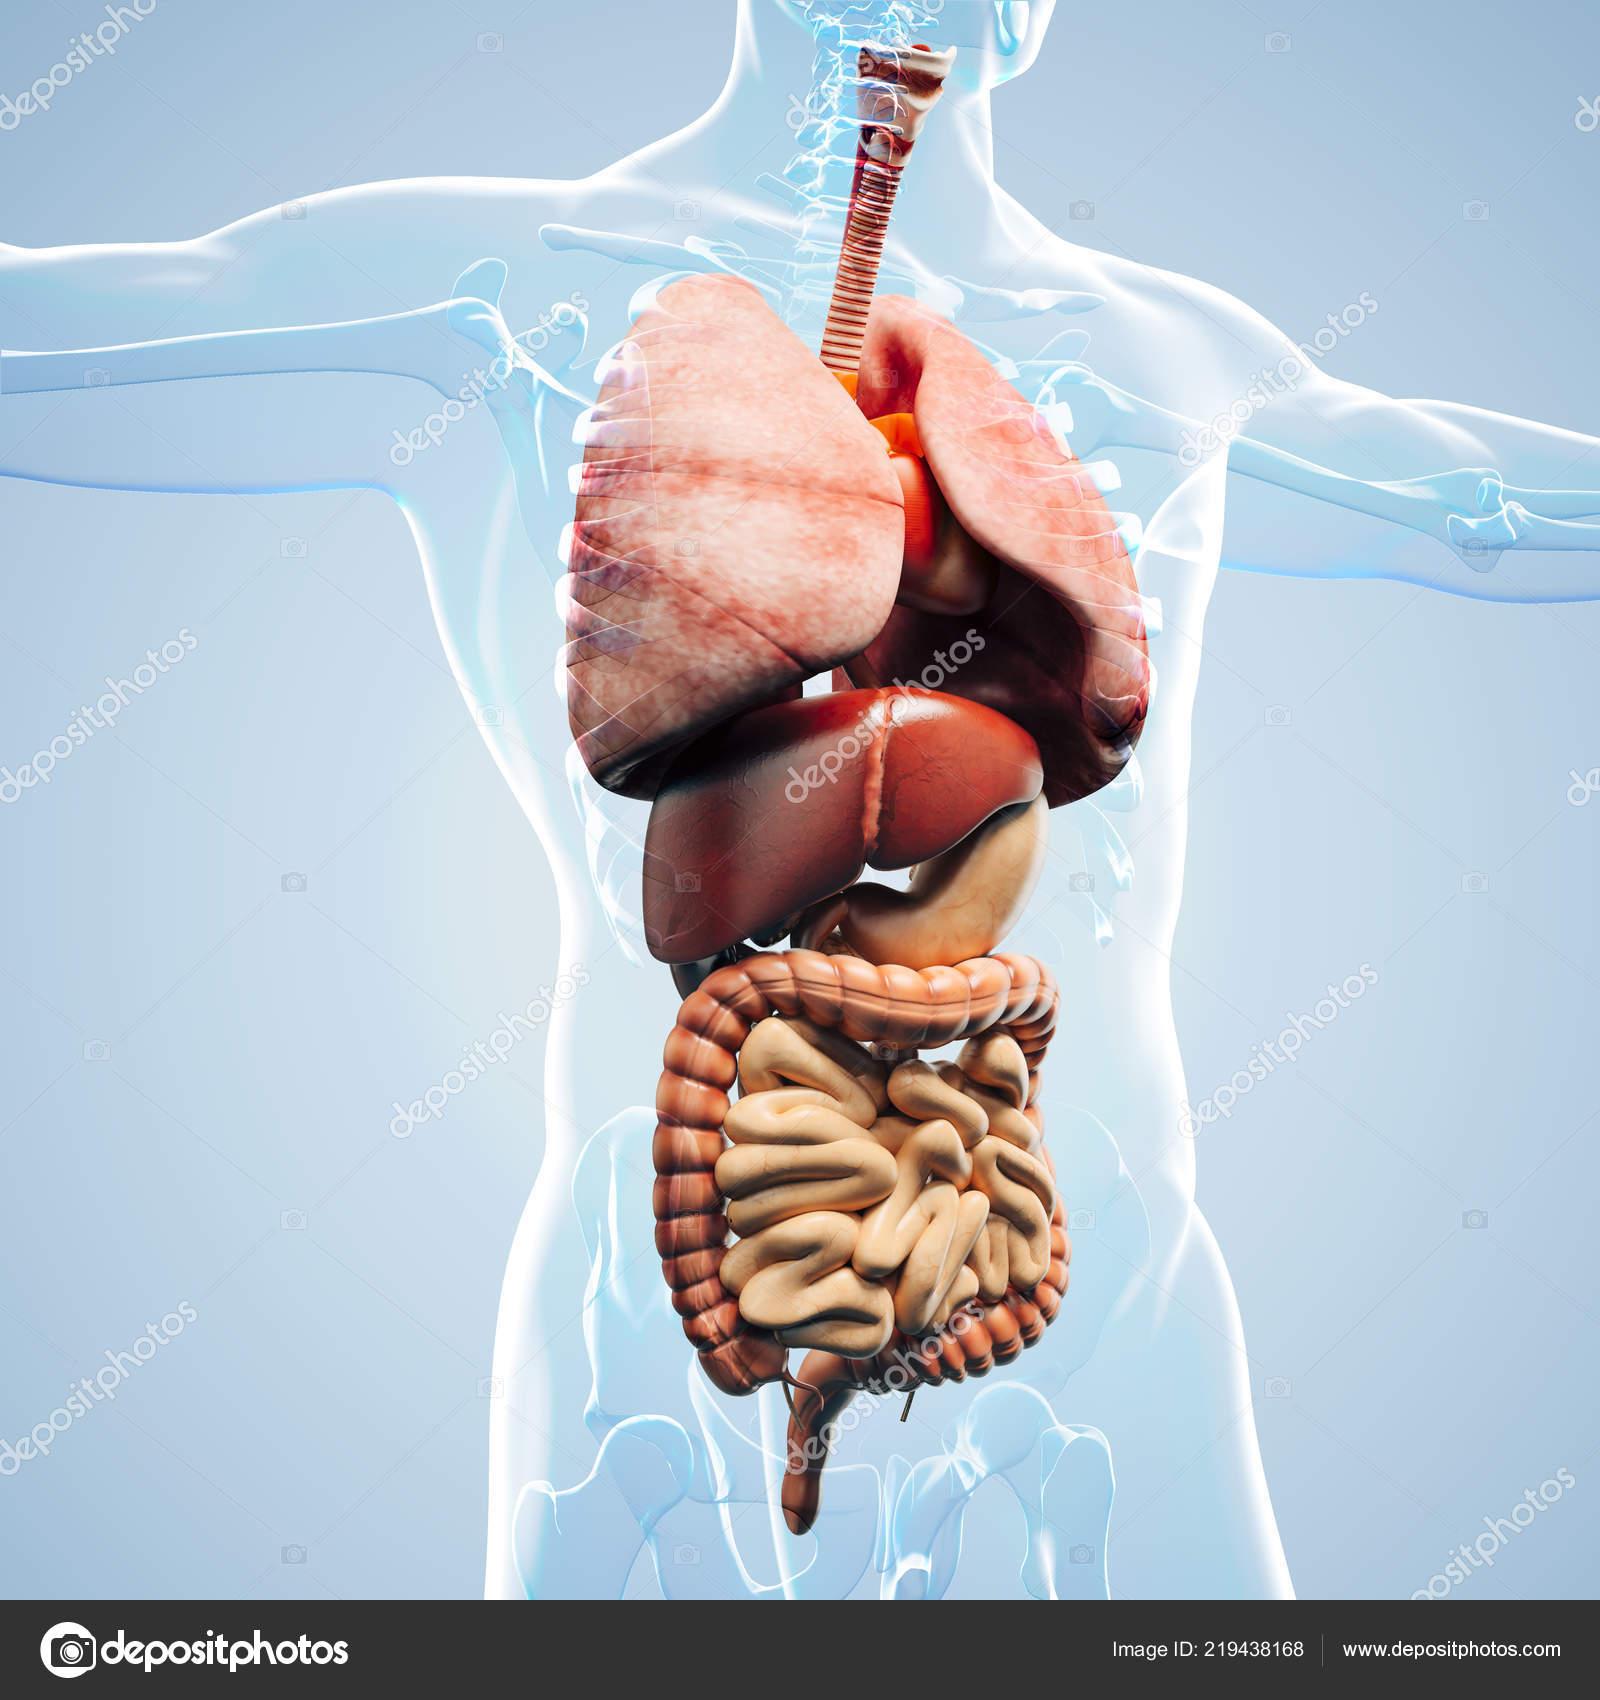 Man Render Anatomy Showing Internal Organs Stock Photo